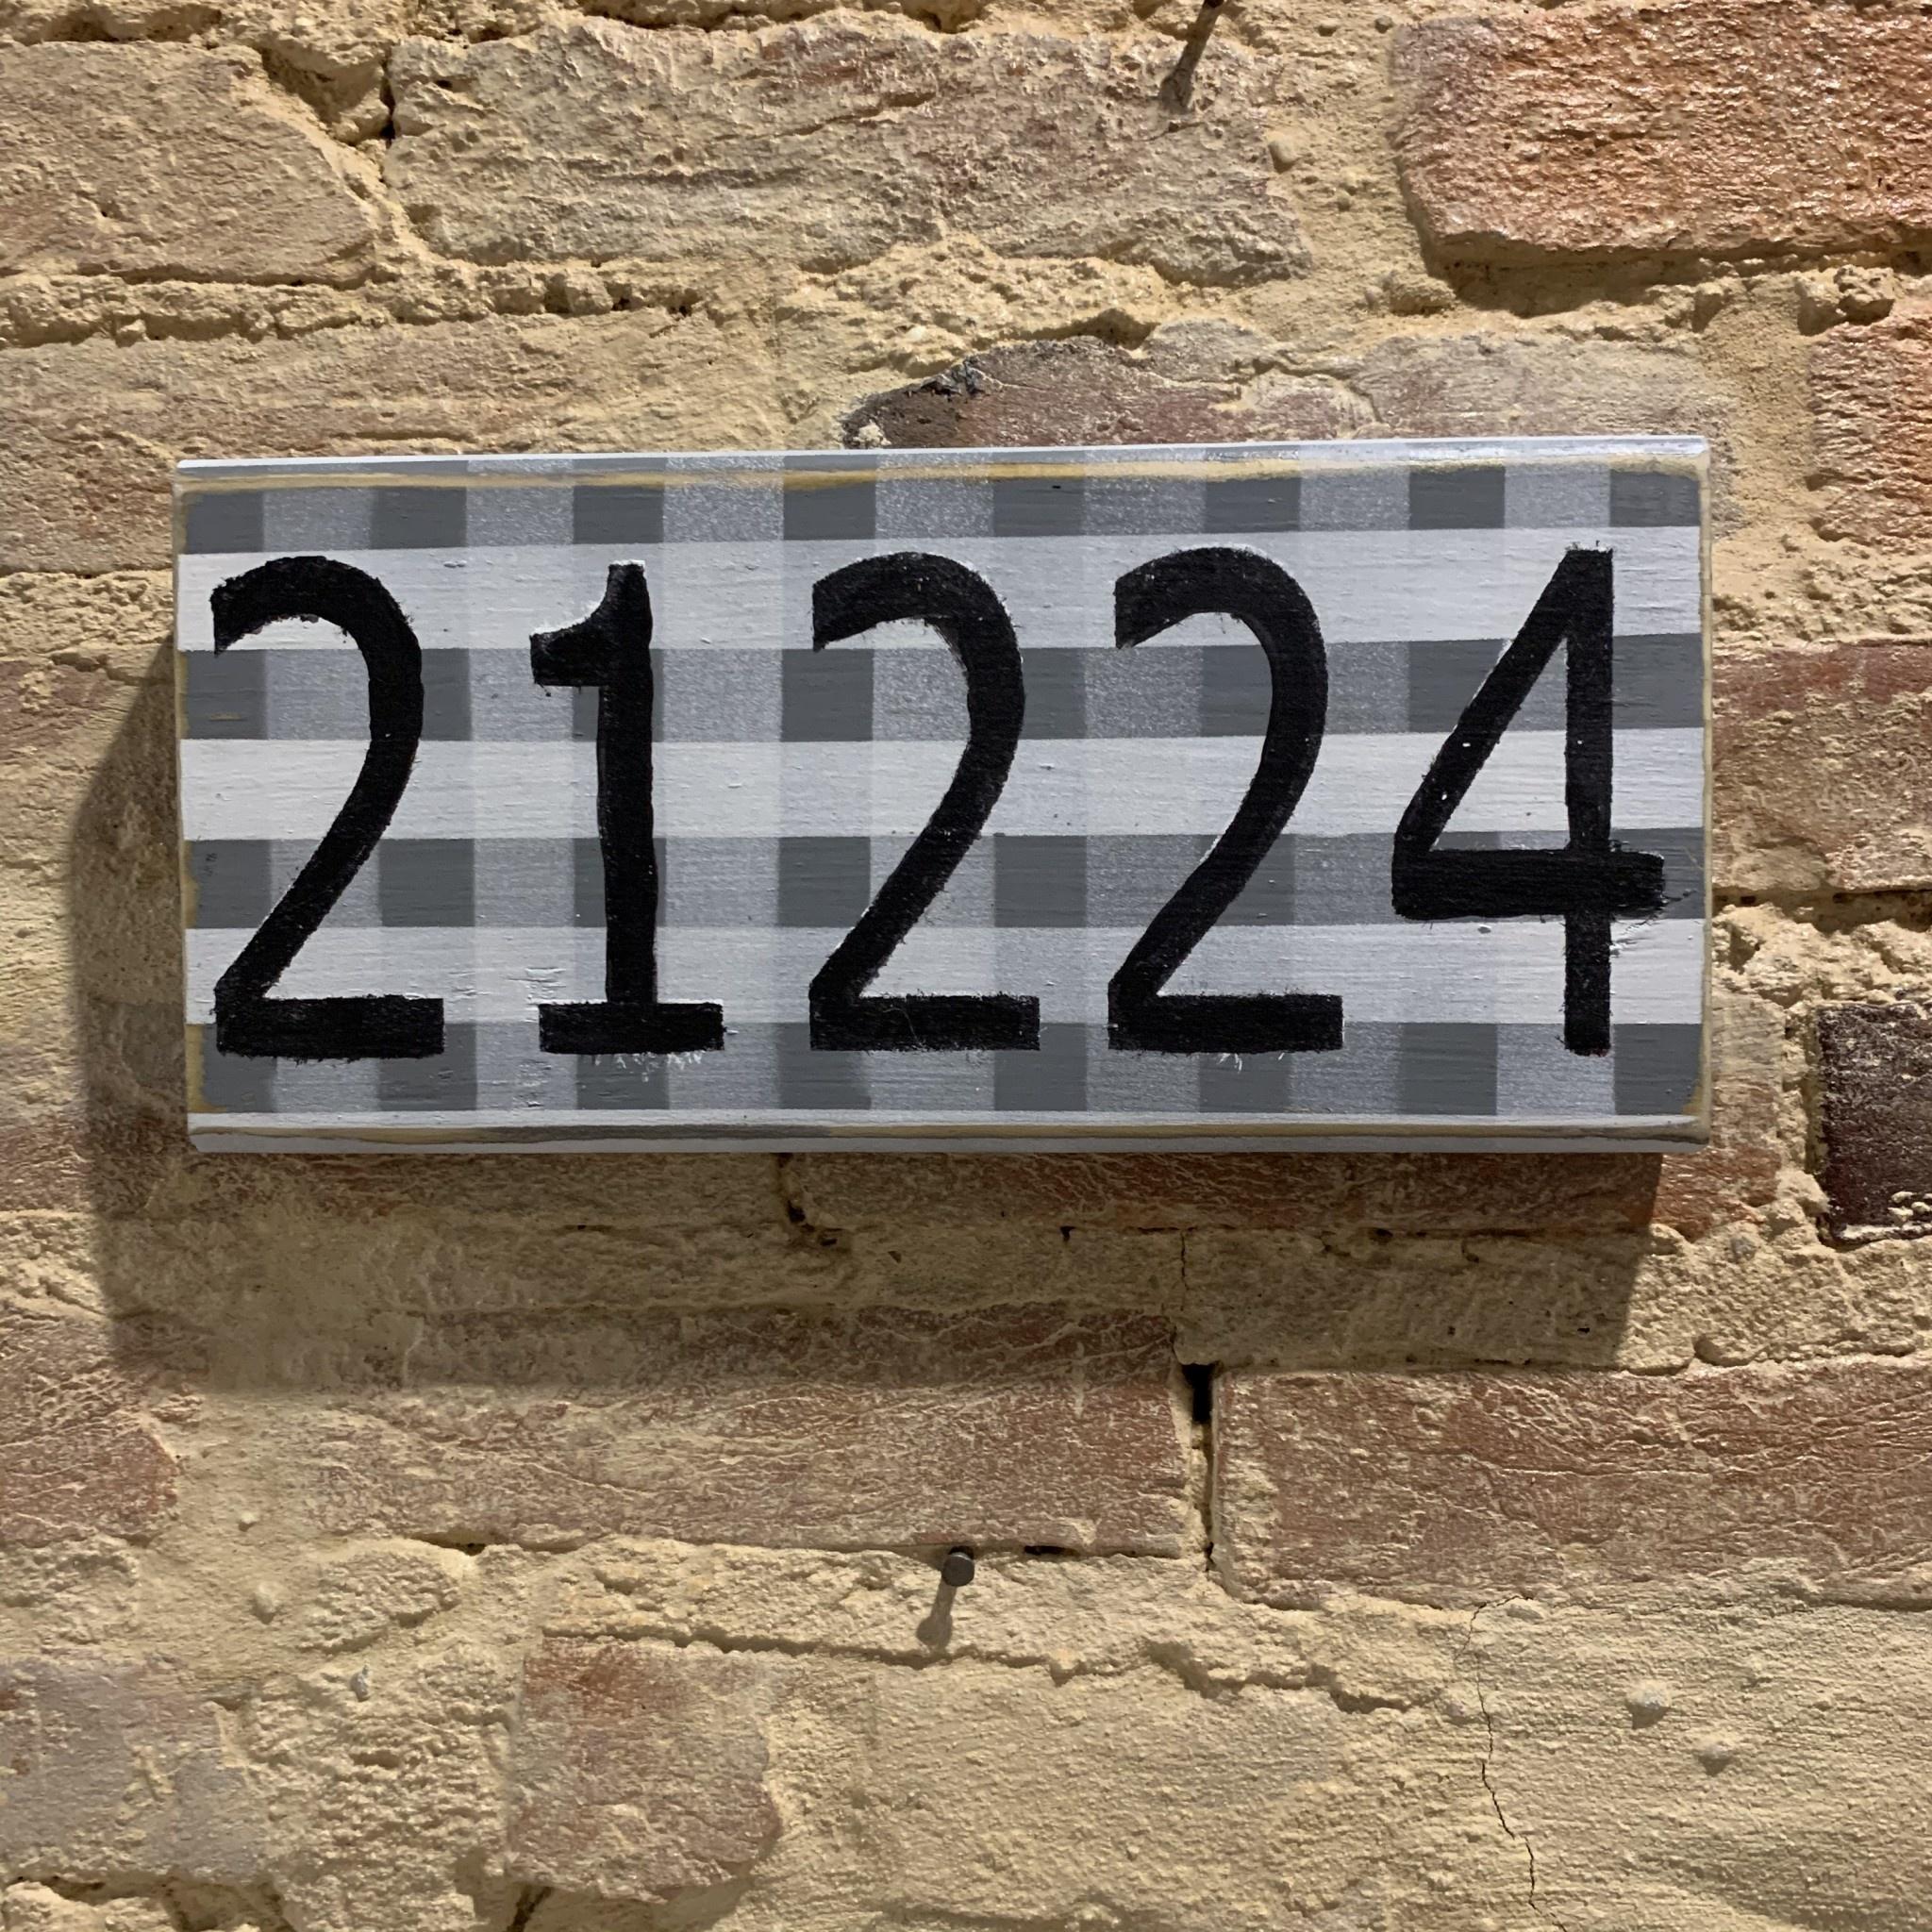 The Painted Mermaid 21224 Zip Code Sign - Gray Gingham/Black